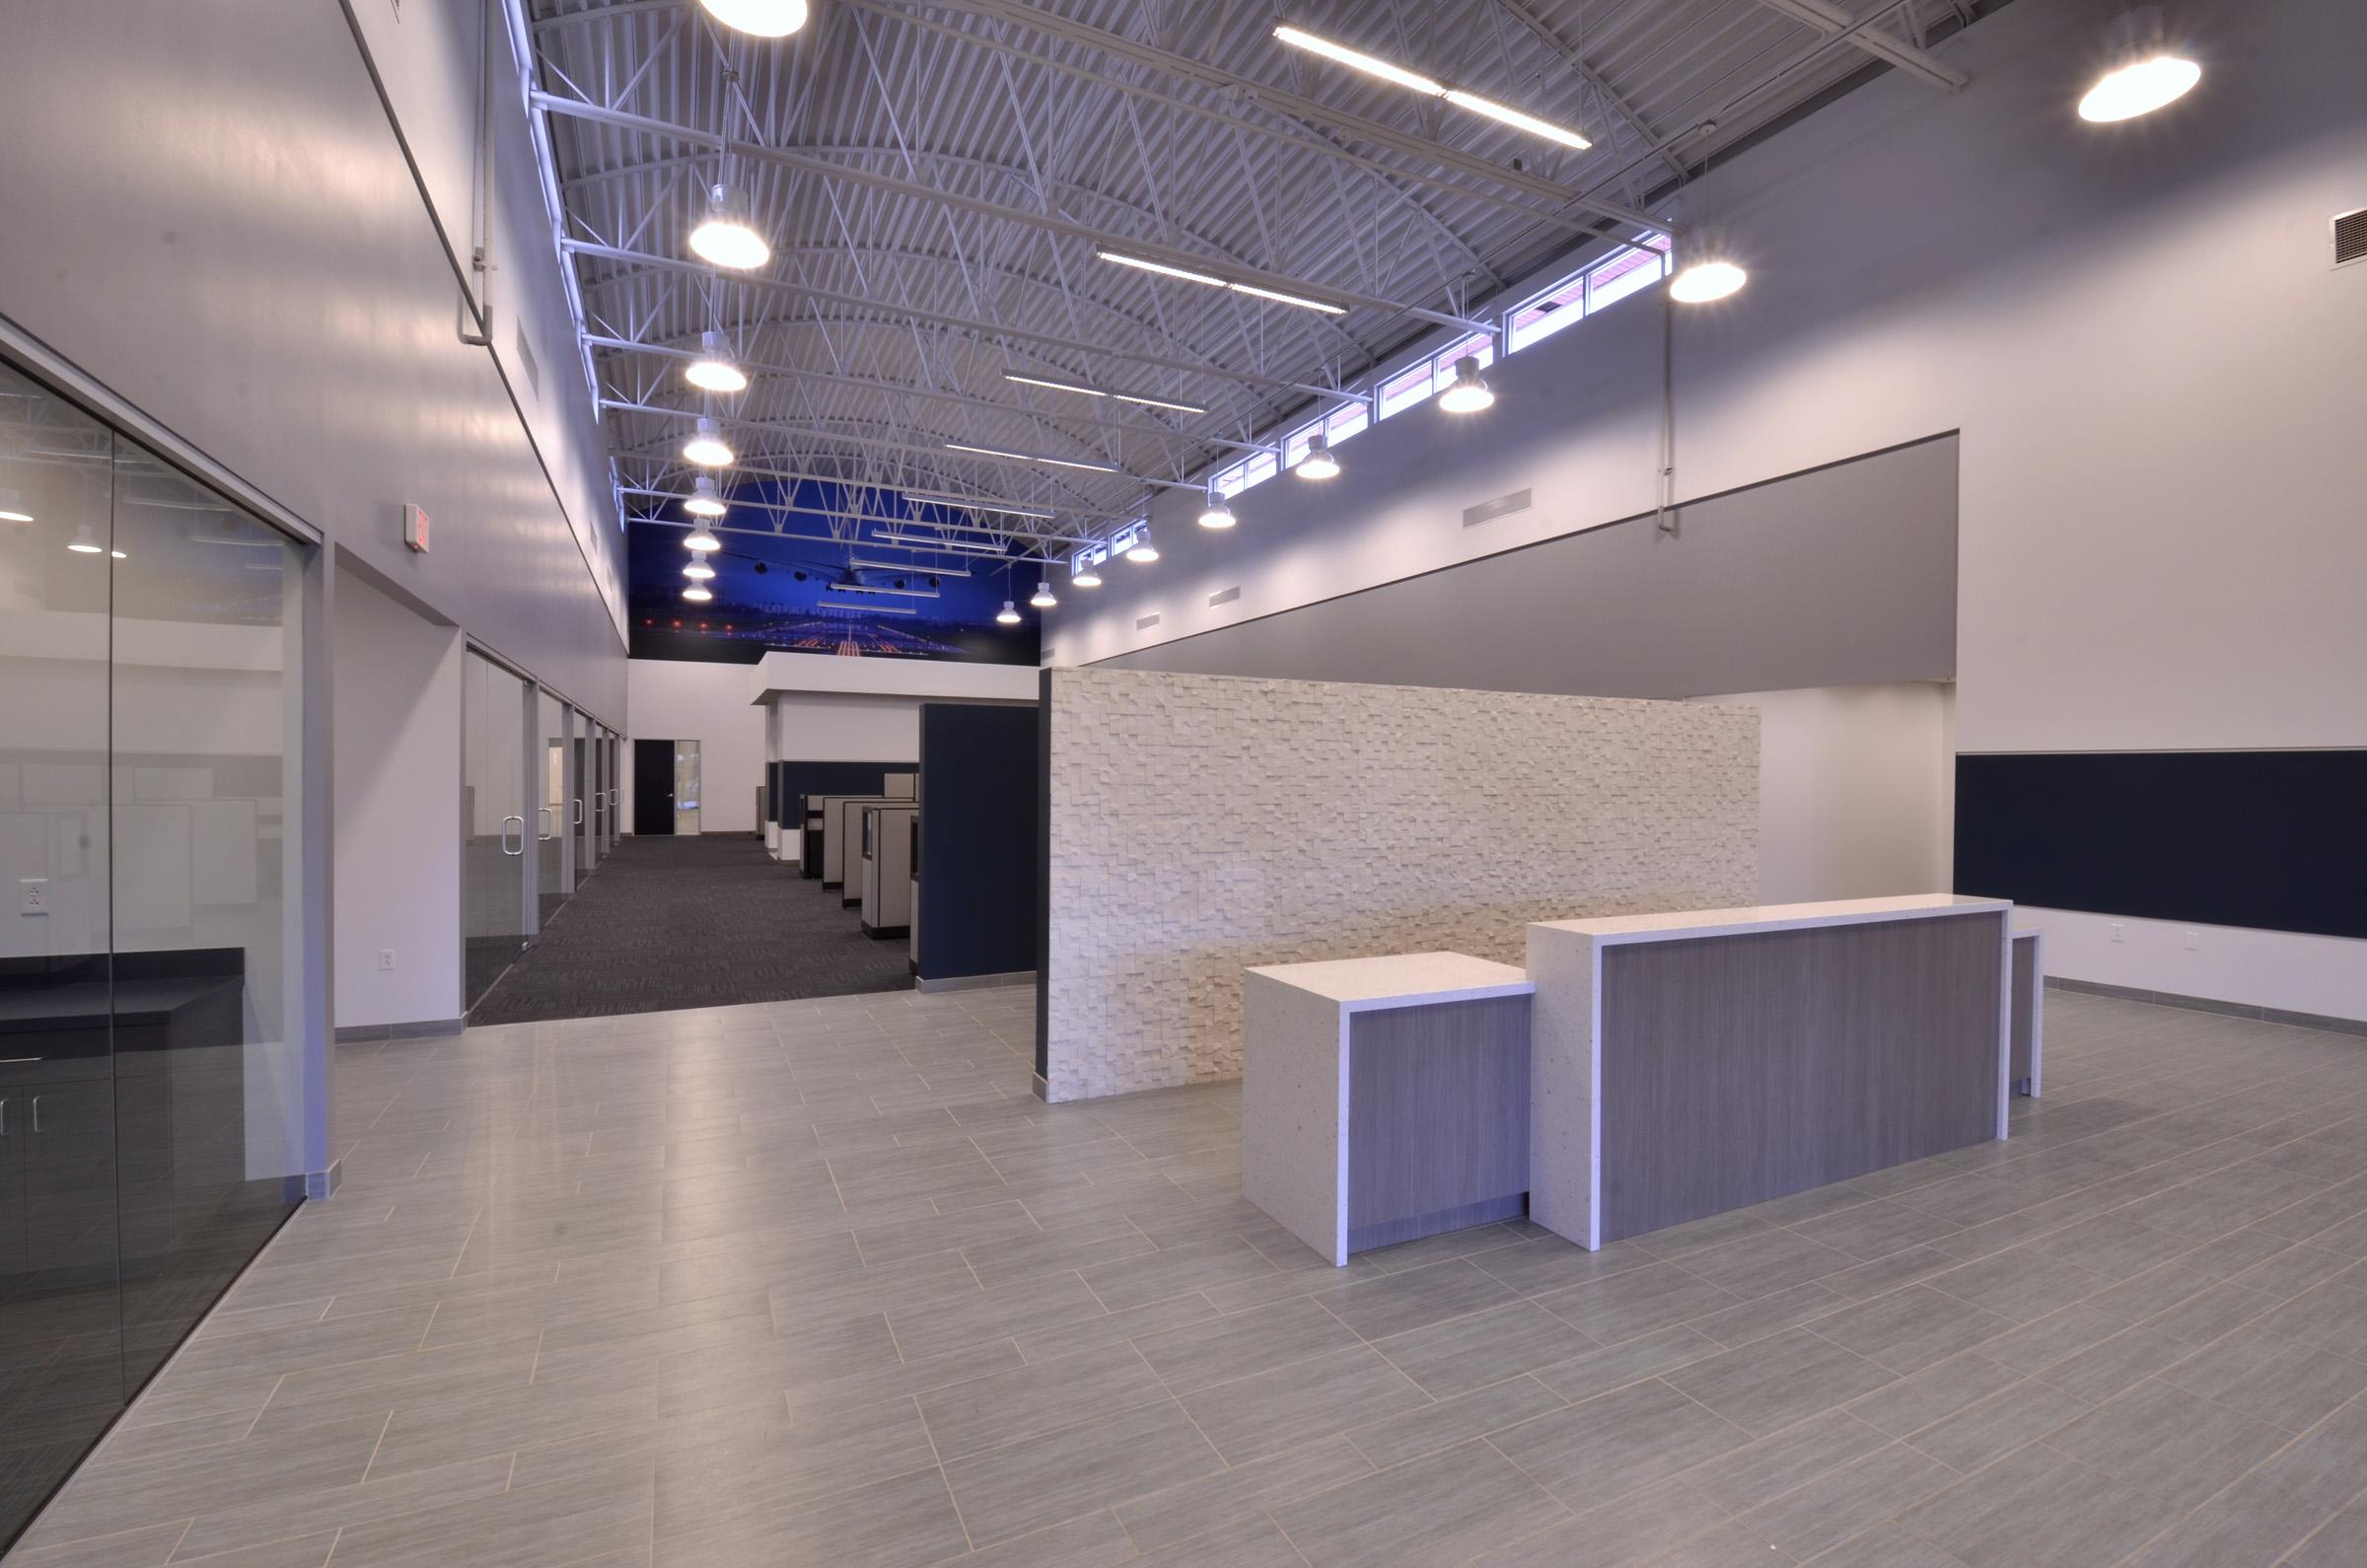 Interior Lobby Views